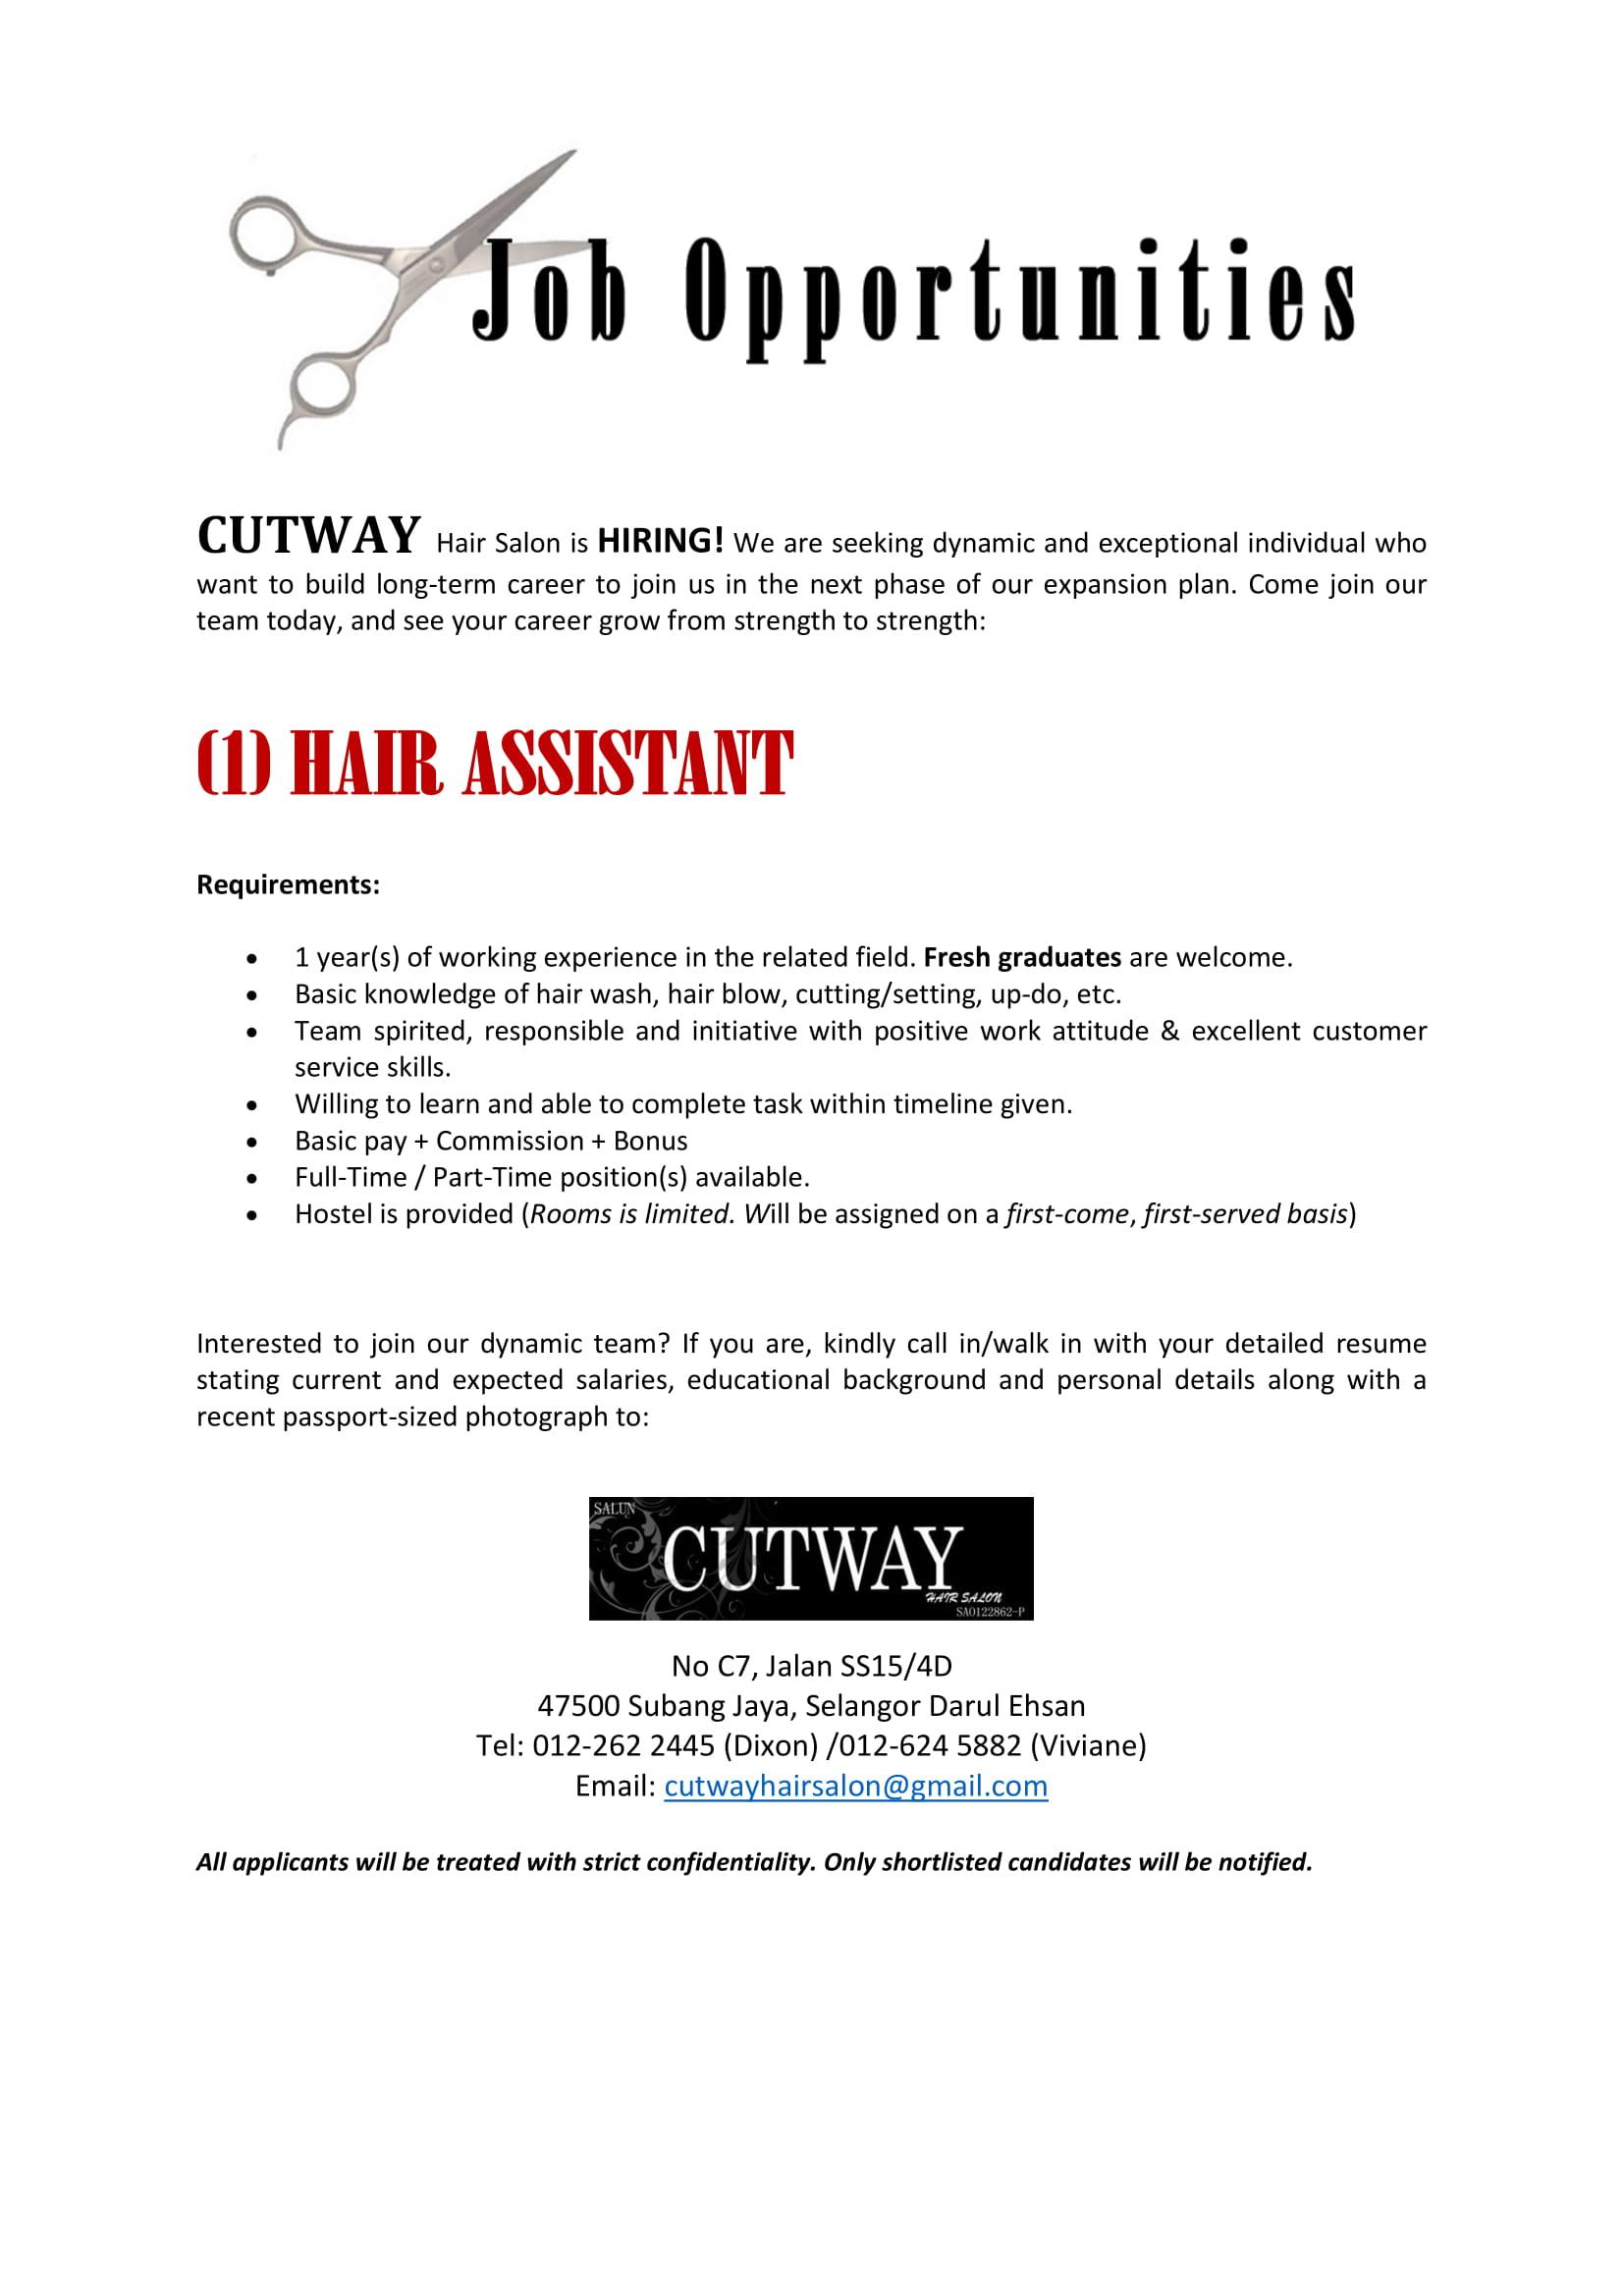 AssistantJobVacancy – Cutway-1